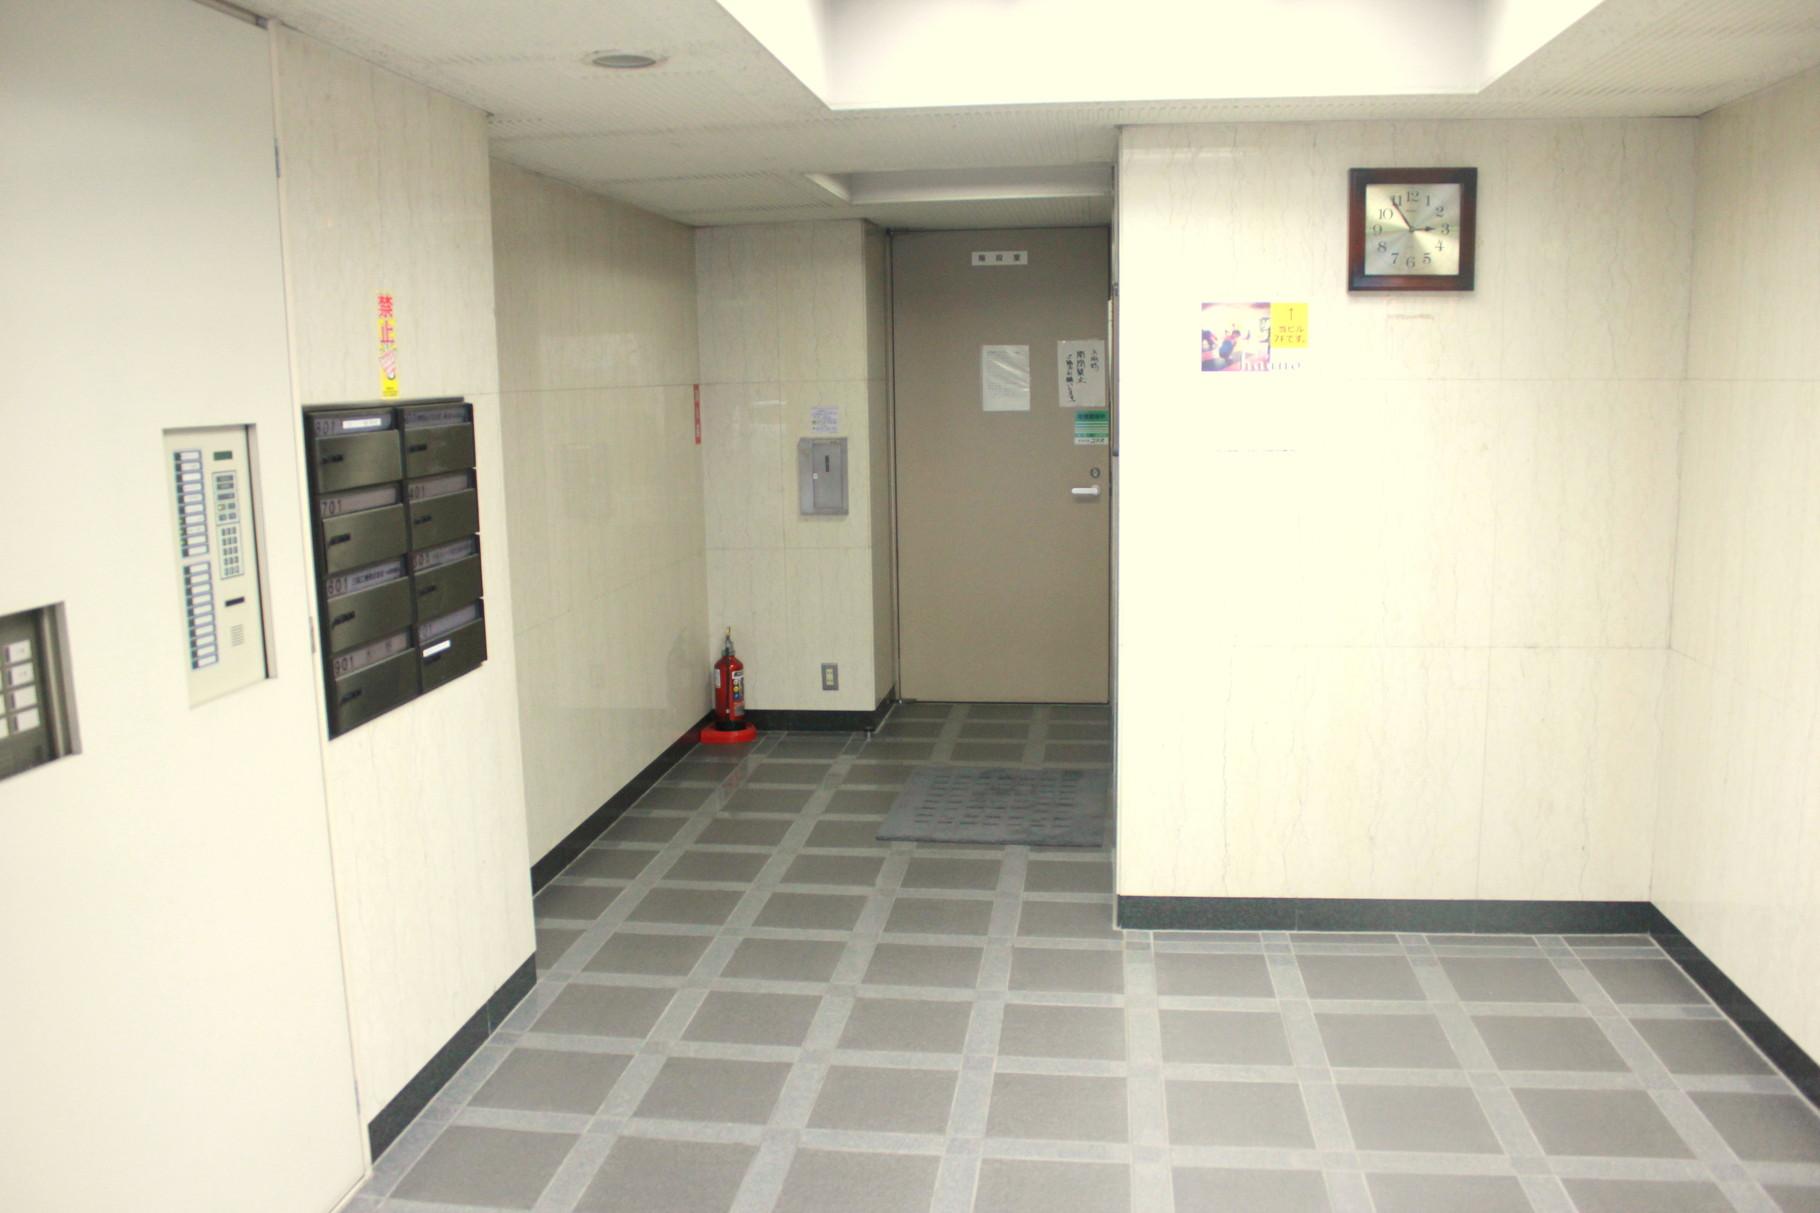 自動ドアを入っていくとエレベーターホールとなります。